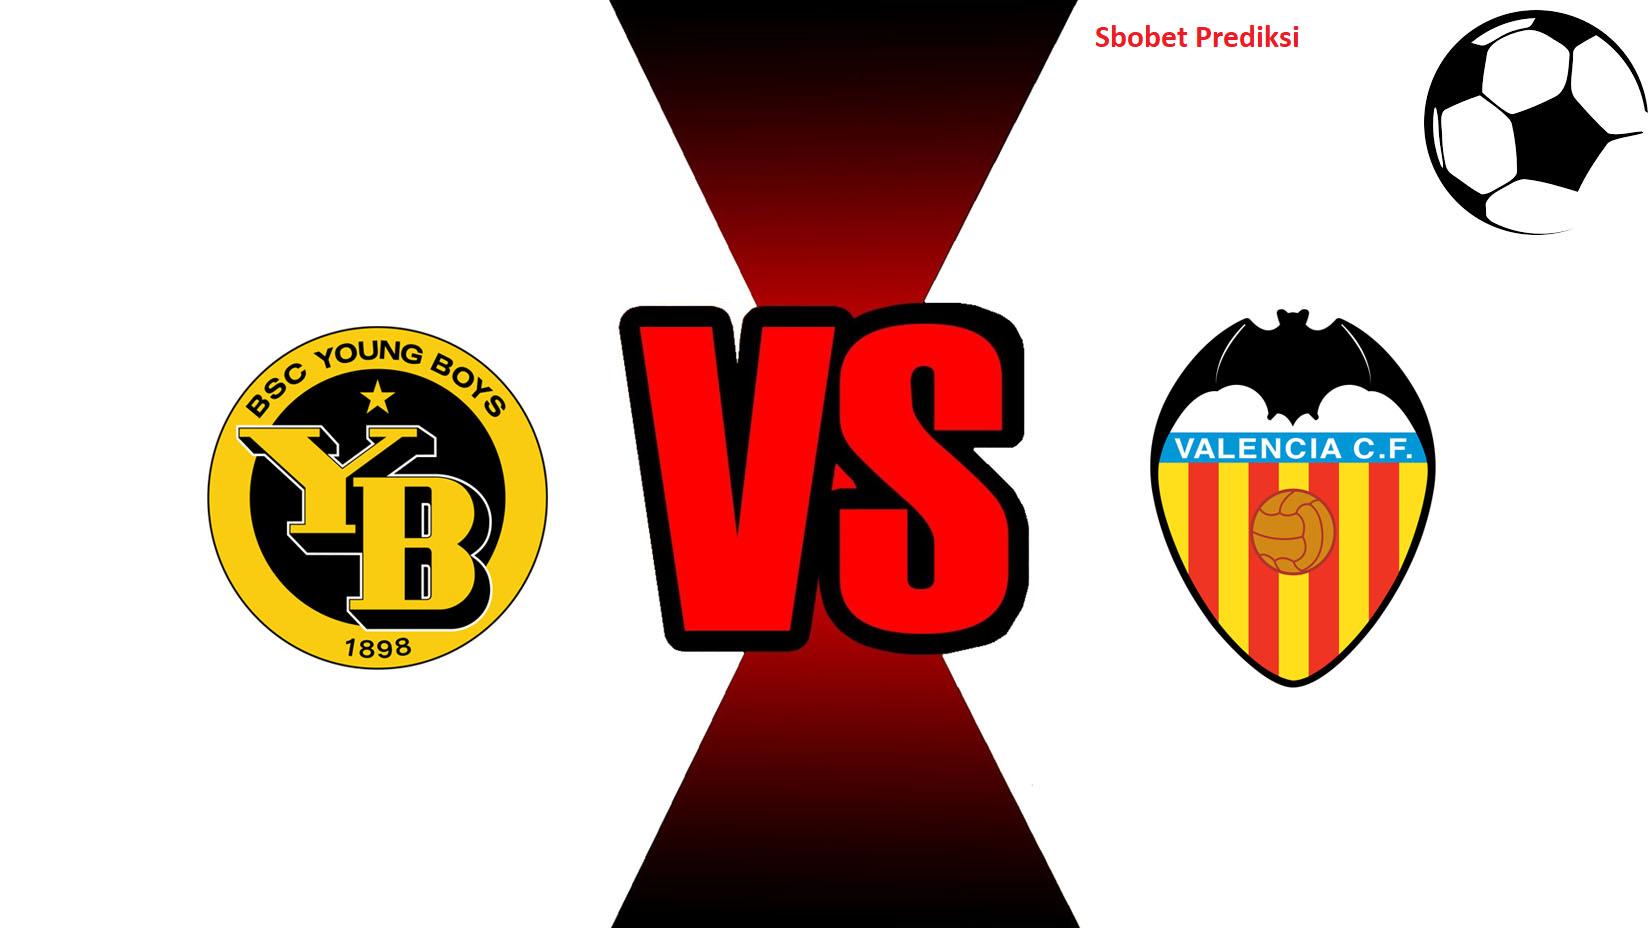 Prediksi Skor Bola Online Young Boys vs Valencia 23 Oktober 2018